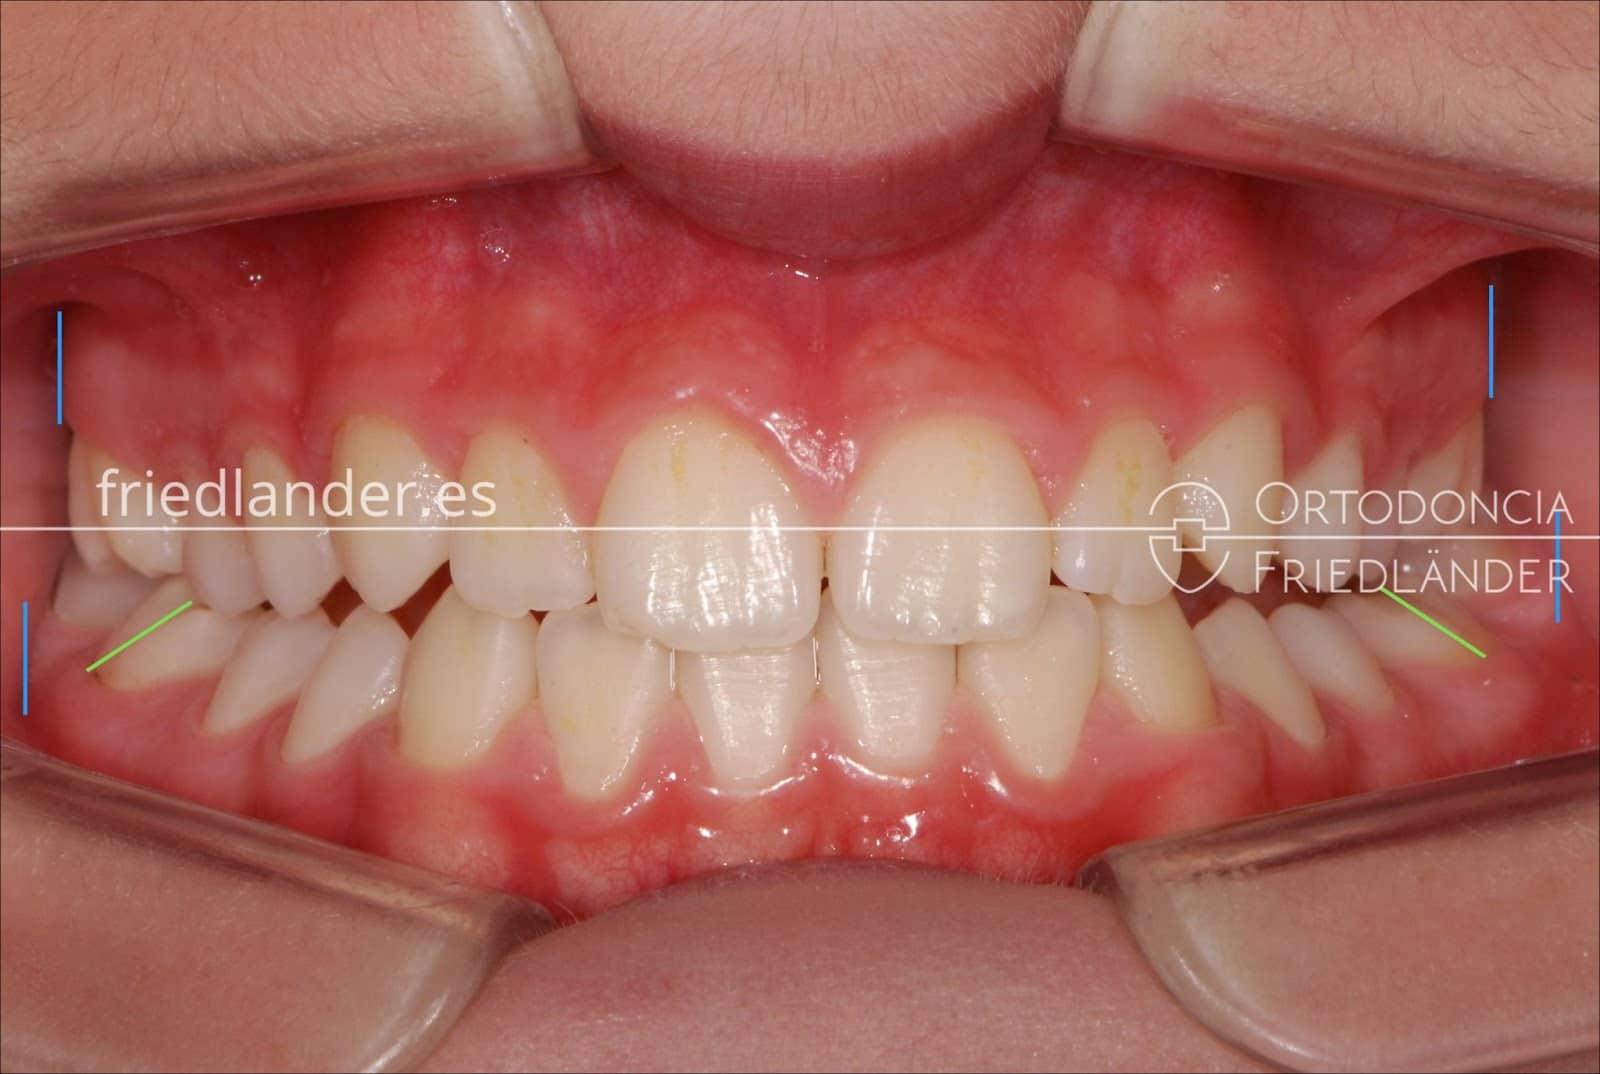 Paladar Ojival o paladar estrecho en adultos, causas y tratamientos. 5